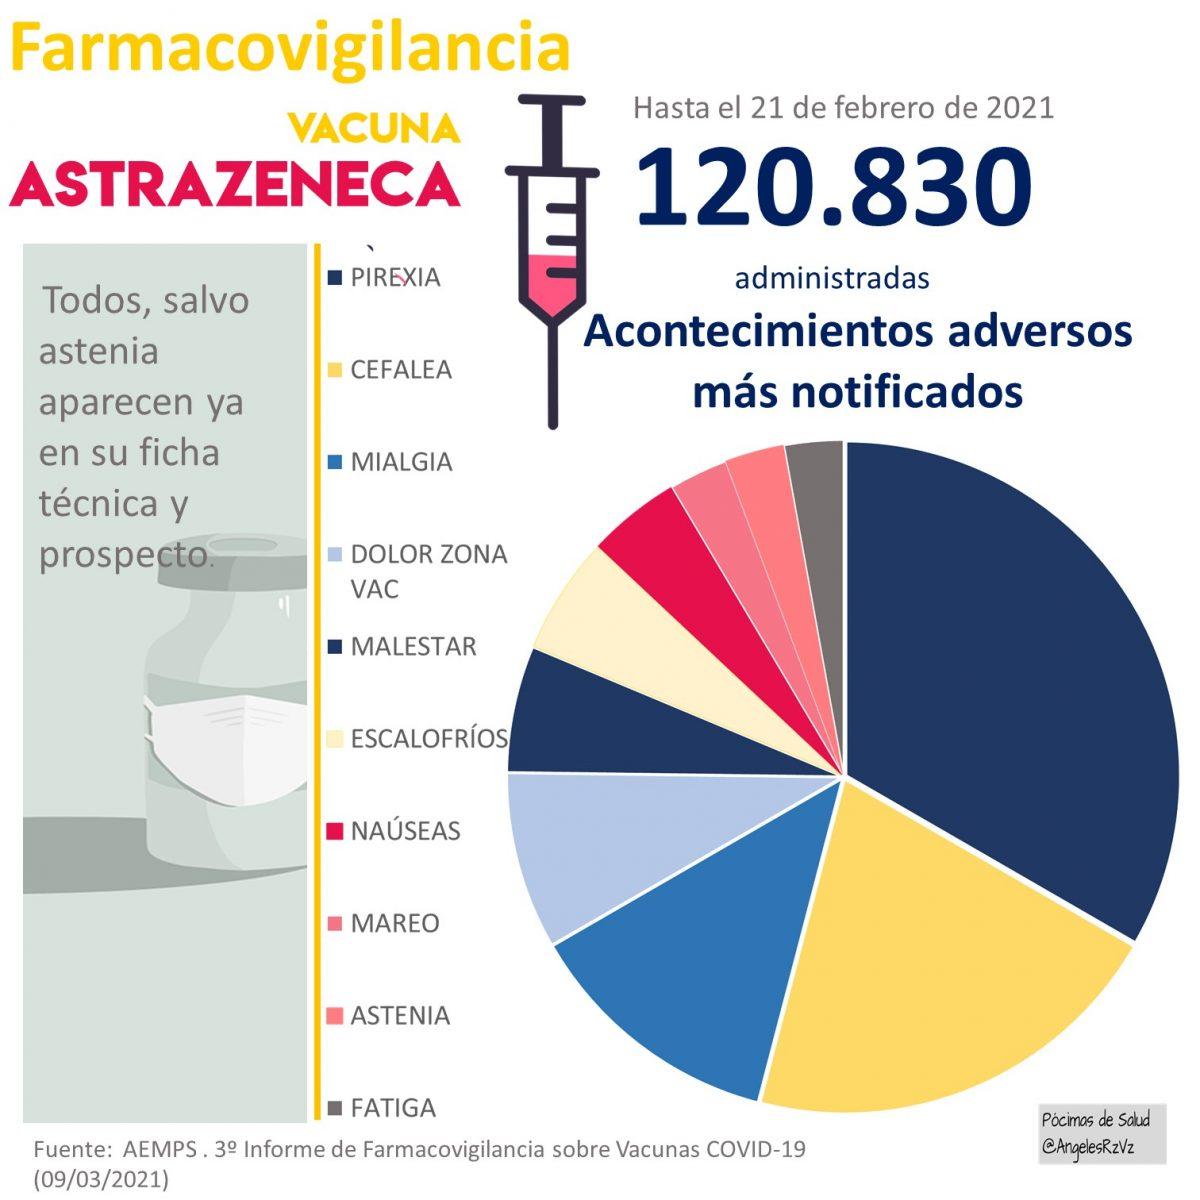 vacuna astrazeneca reacciones adversas